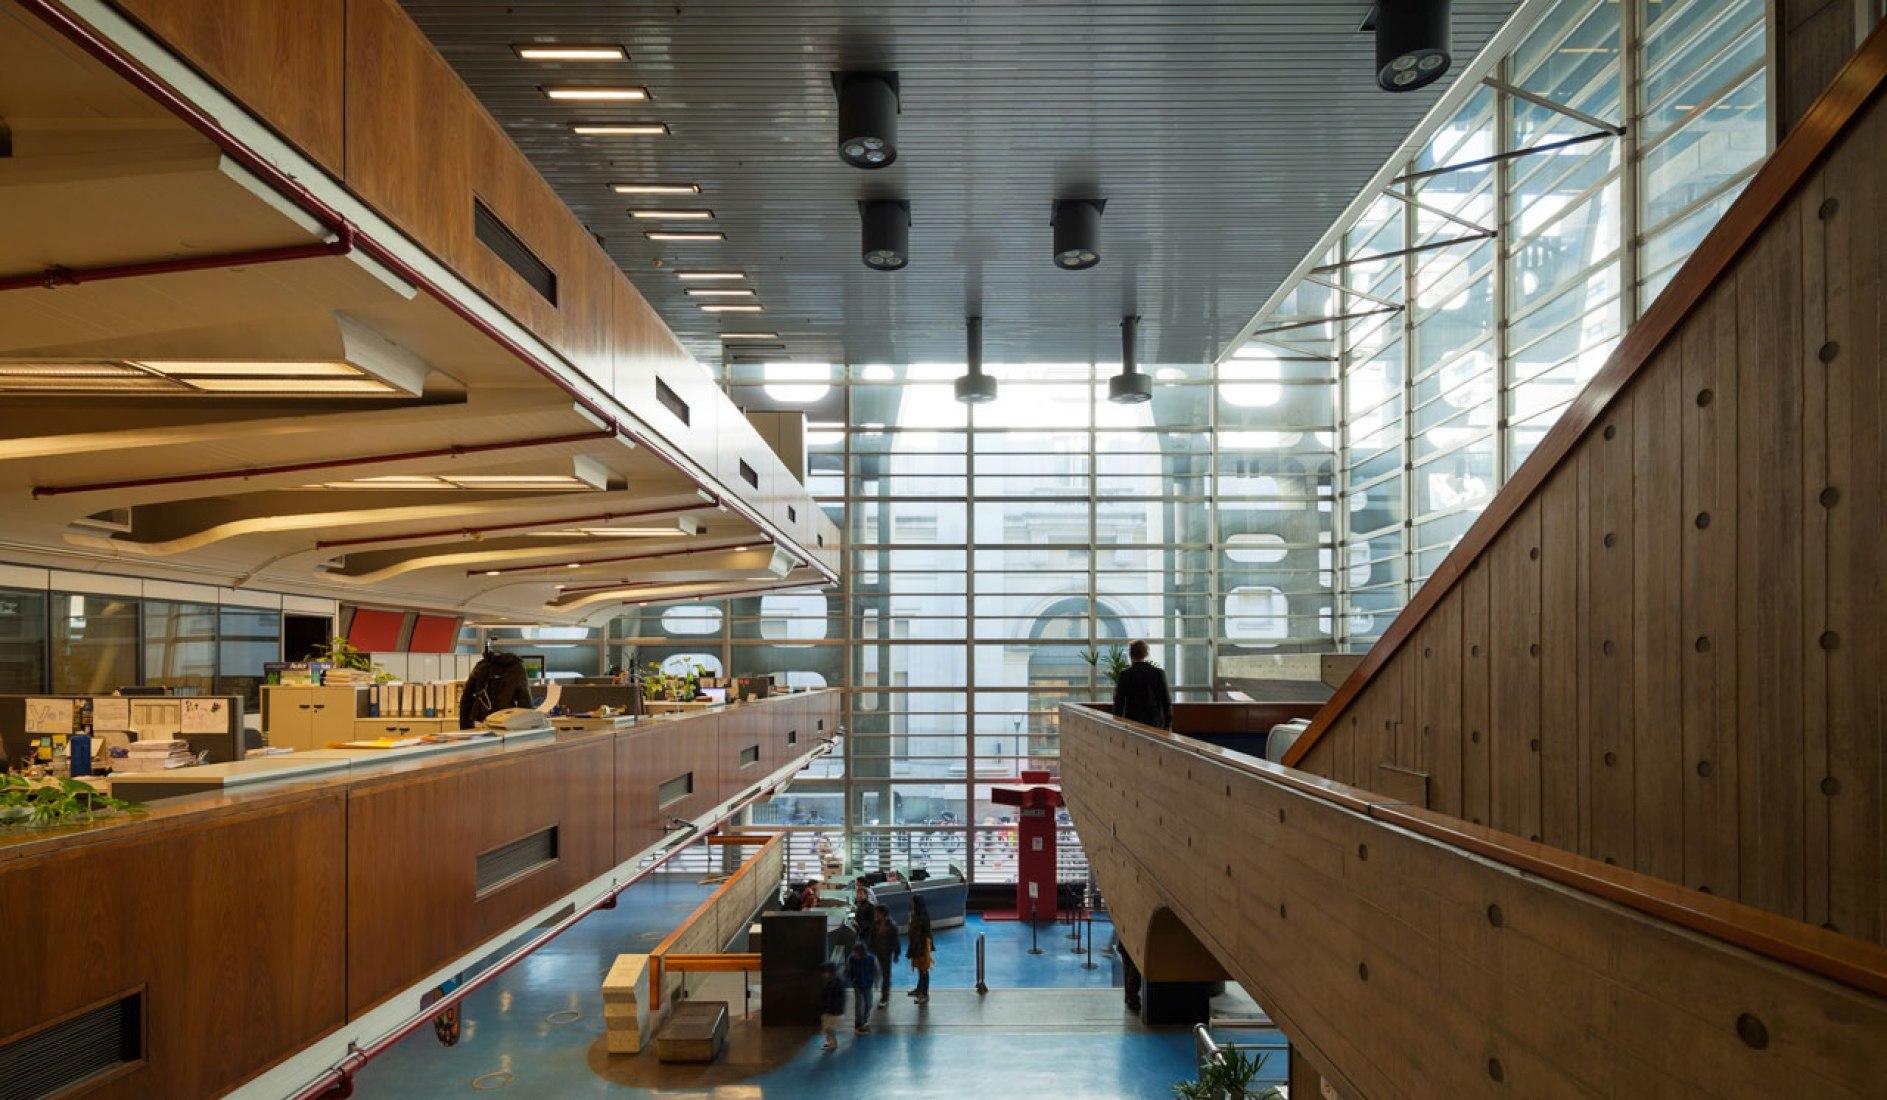 Vista interior del Banco de Londres de Clorindo Testa y SEPRA. Fotografía ©Federico Cairoli.